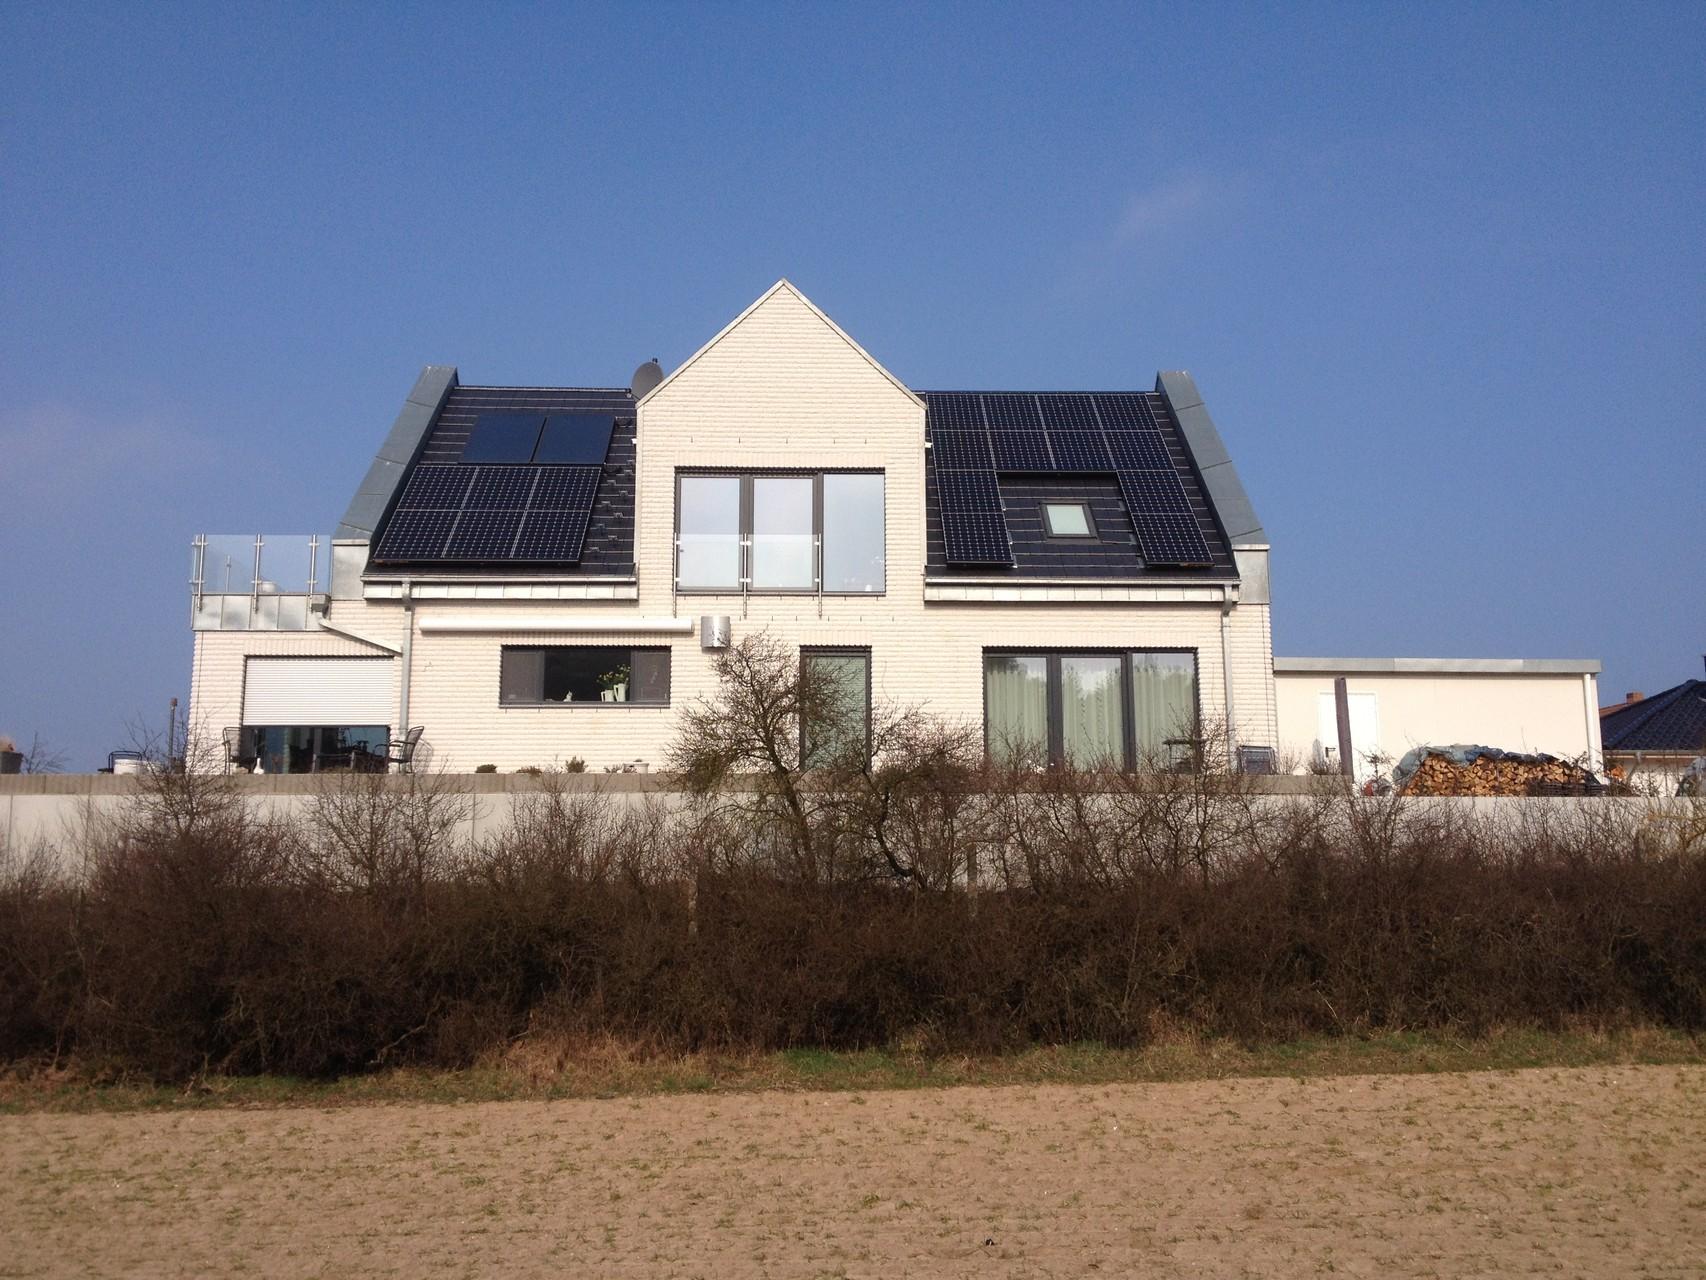 Ansicht nach der Belegung mit Sunpower 5,886 kWp, Solaredge und 8 kW Speicher G2 mit EconamicGrid auf Usedom